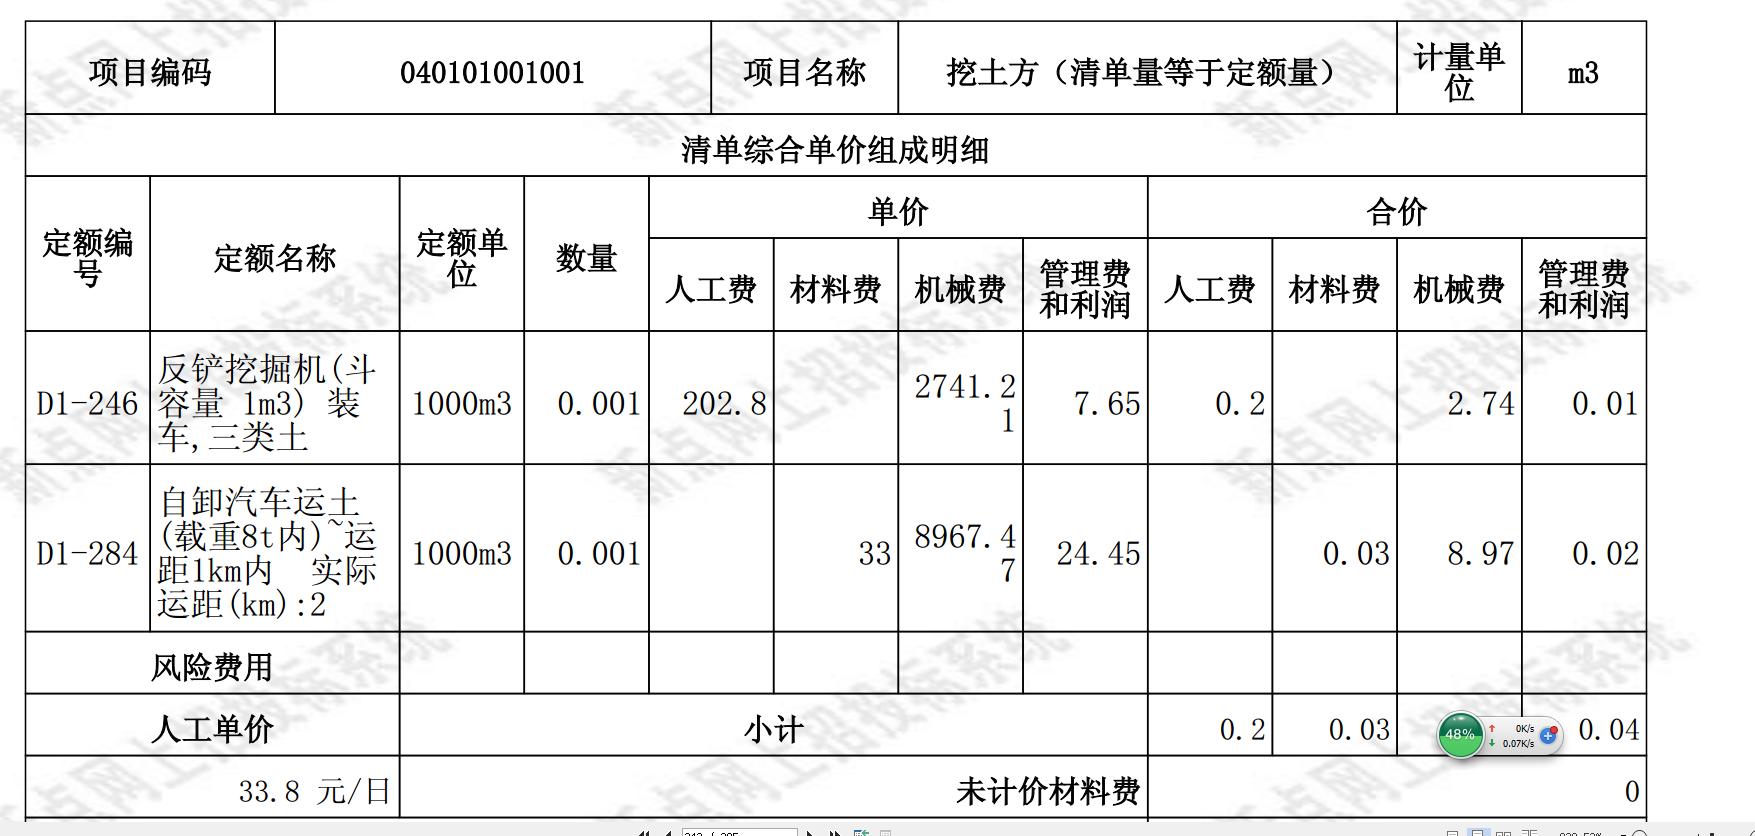 定额人工费_山西省定额人工费 为什么有些工日单价是25,有些是30?